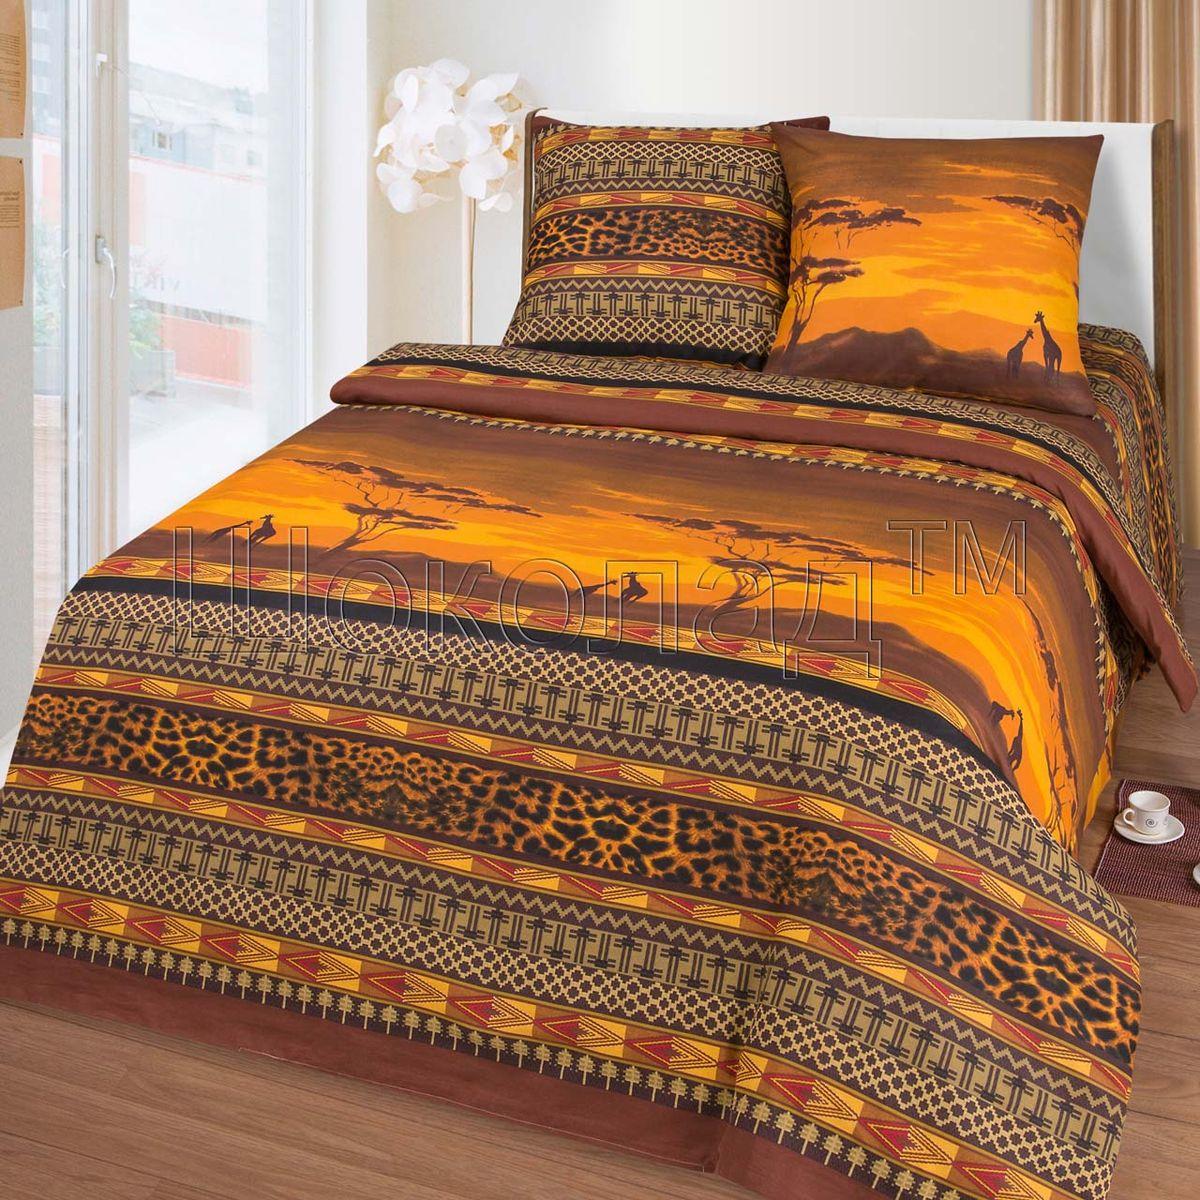 Комплект белья Шоколад Кения, семейный, наволочки 70x70. Б1207002/2Комплект постельного белья Шоколад Кения является экологически безопасным для всей семьи, так как выполнен из натурального хлопка. Комплект состоит из двух пододеяльников, простыни и двух наволочек. Постельное белье оформлено оригинальным рисунком и имеет изысканный внешний вид.Бязь - это ткань полотняного переплетения, изготовленная из экологически чистого и натурального 100% хлопка. Она прочная, мягкая, обладает низкой сминаемостью, легко стирается и хорошо гладится. Бязь прекрасно пропускает воздух и за ней легко ухаживать. При соблюдении рекомендуемых условий стирки, сушки и глажения ткань имеет усадку по ГОСТу, сохранятся яркость текстильных рисунков. Приобретая комплект постельного белья Шоколад  Кения вы можете быть уверены в том, что покупка доставит вам и вашим близким удовольствие и подарит максимальный комфорт.